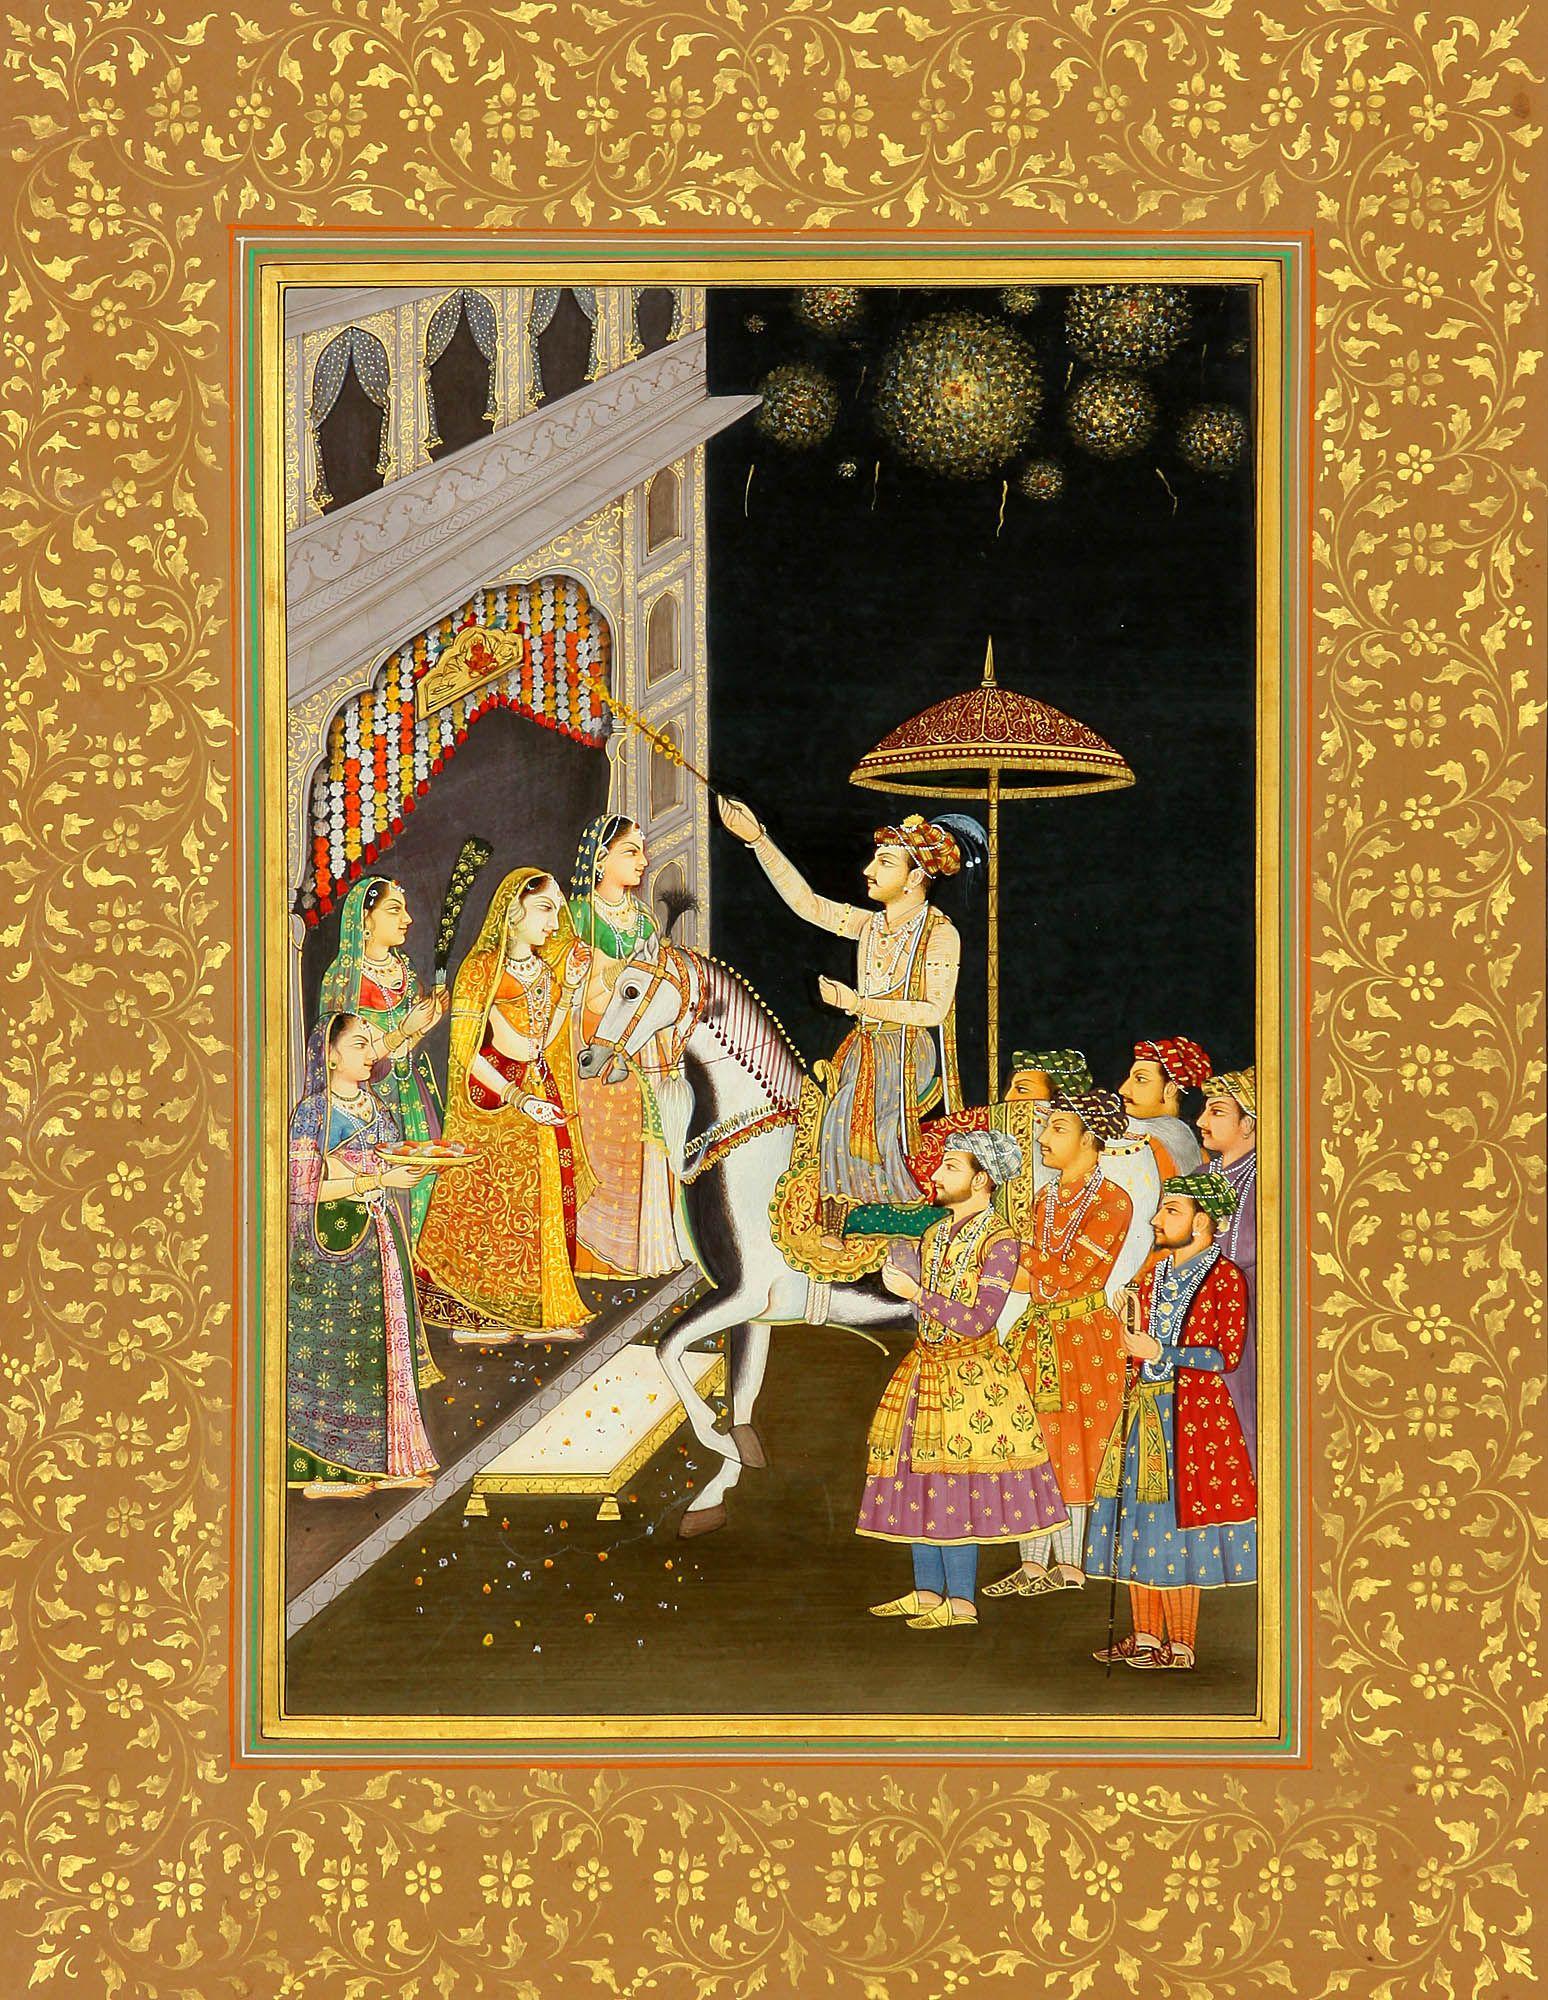 indian wedding hindu invitations%0A Mughal Wedding Procession